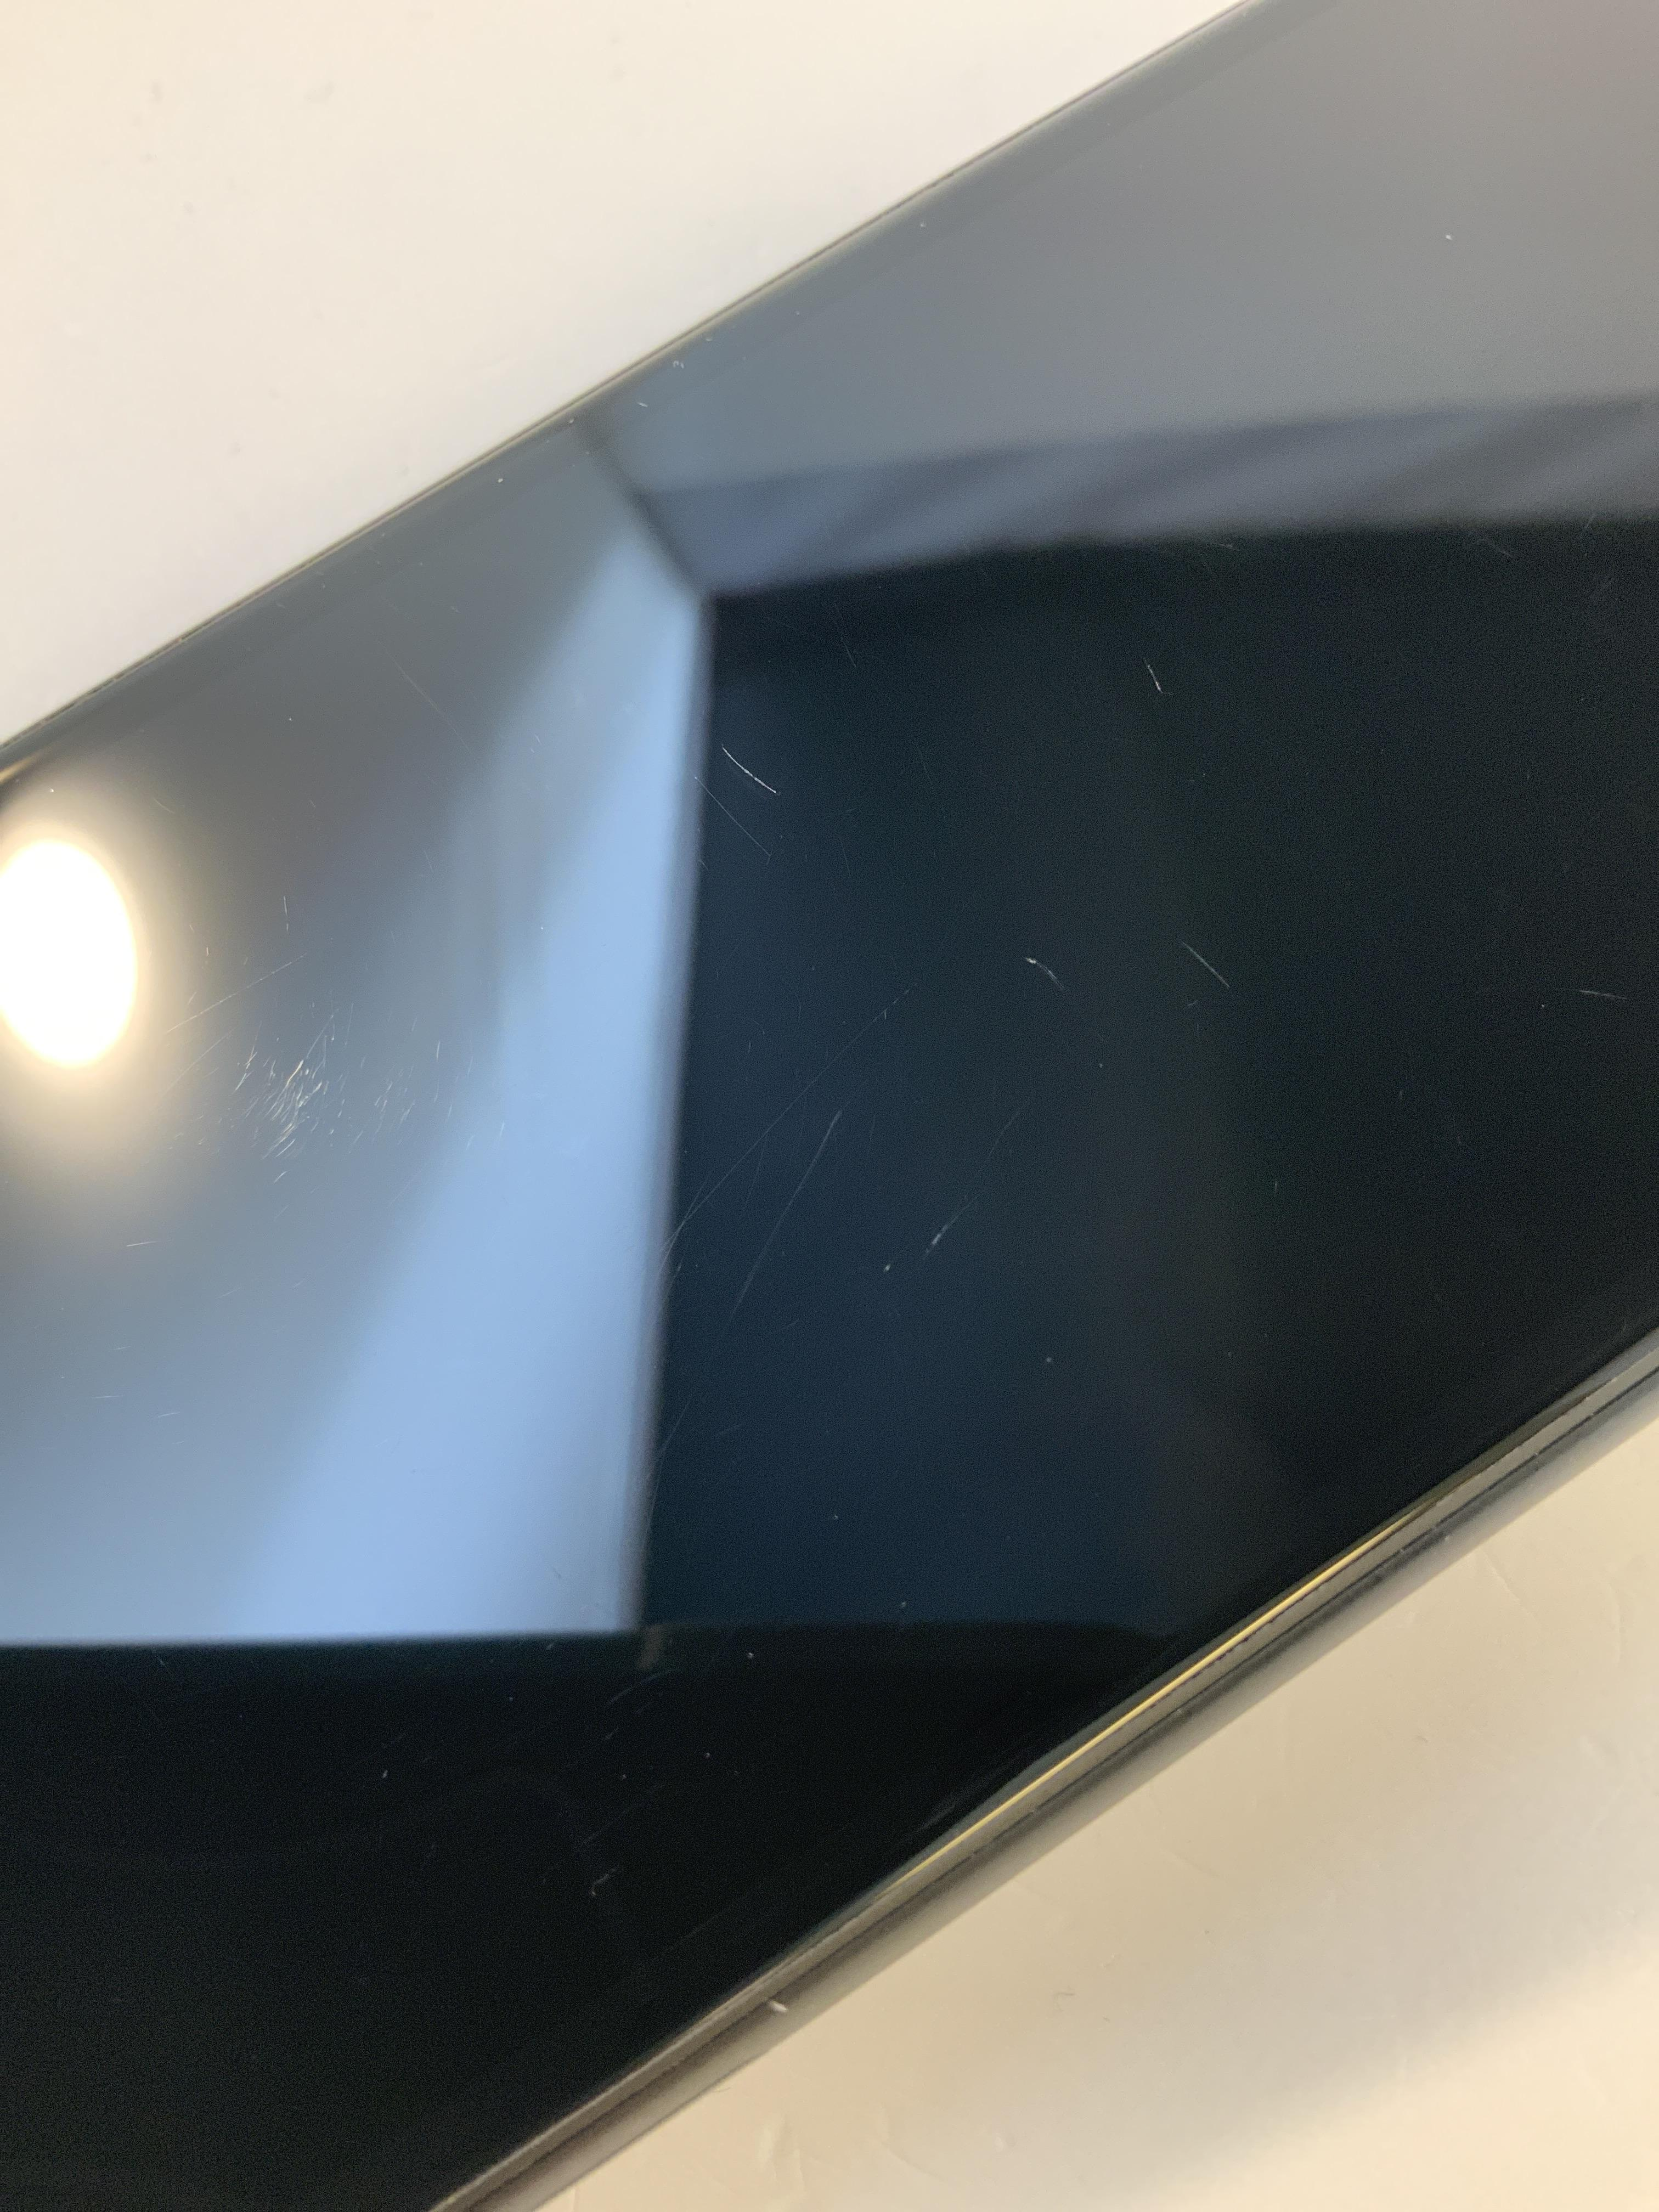 iPhone XR 64GB, 64GB, Black, immagine 3